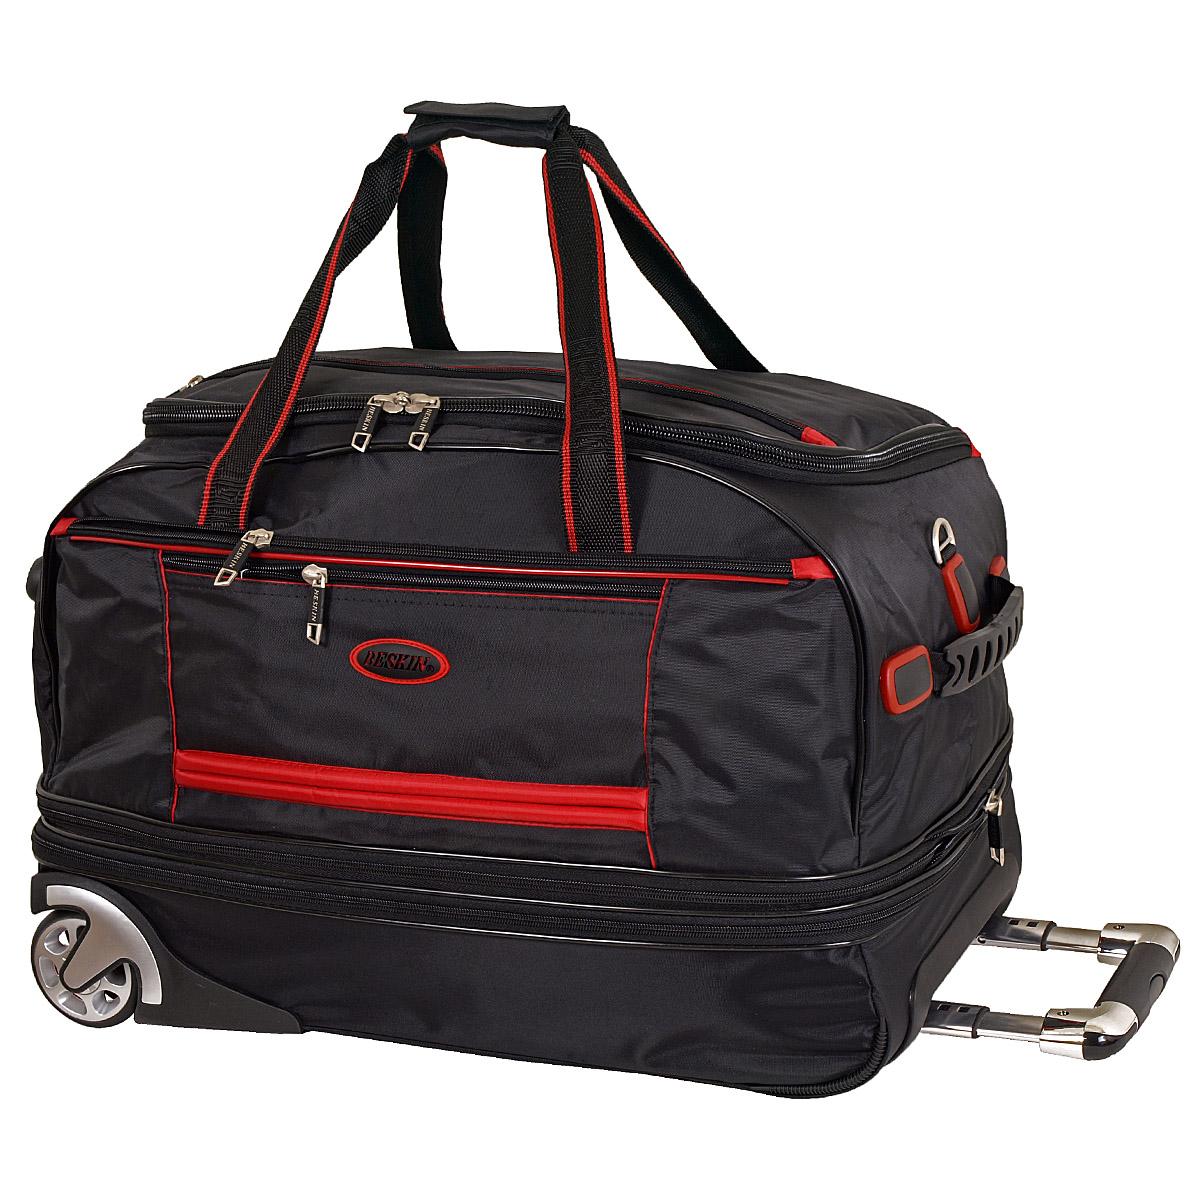 066c70c661a0 Дорожные сумки на колесах - купить недорого в интернет-магазине Tasche.ru